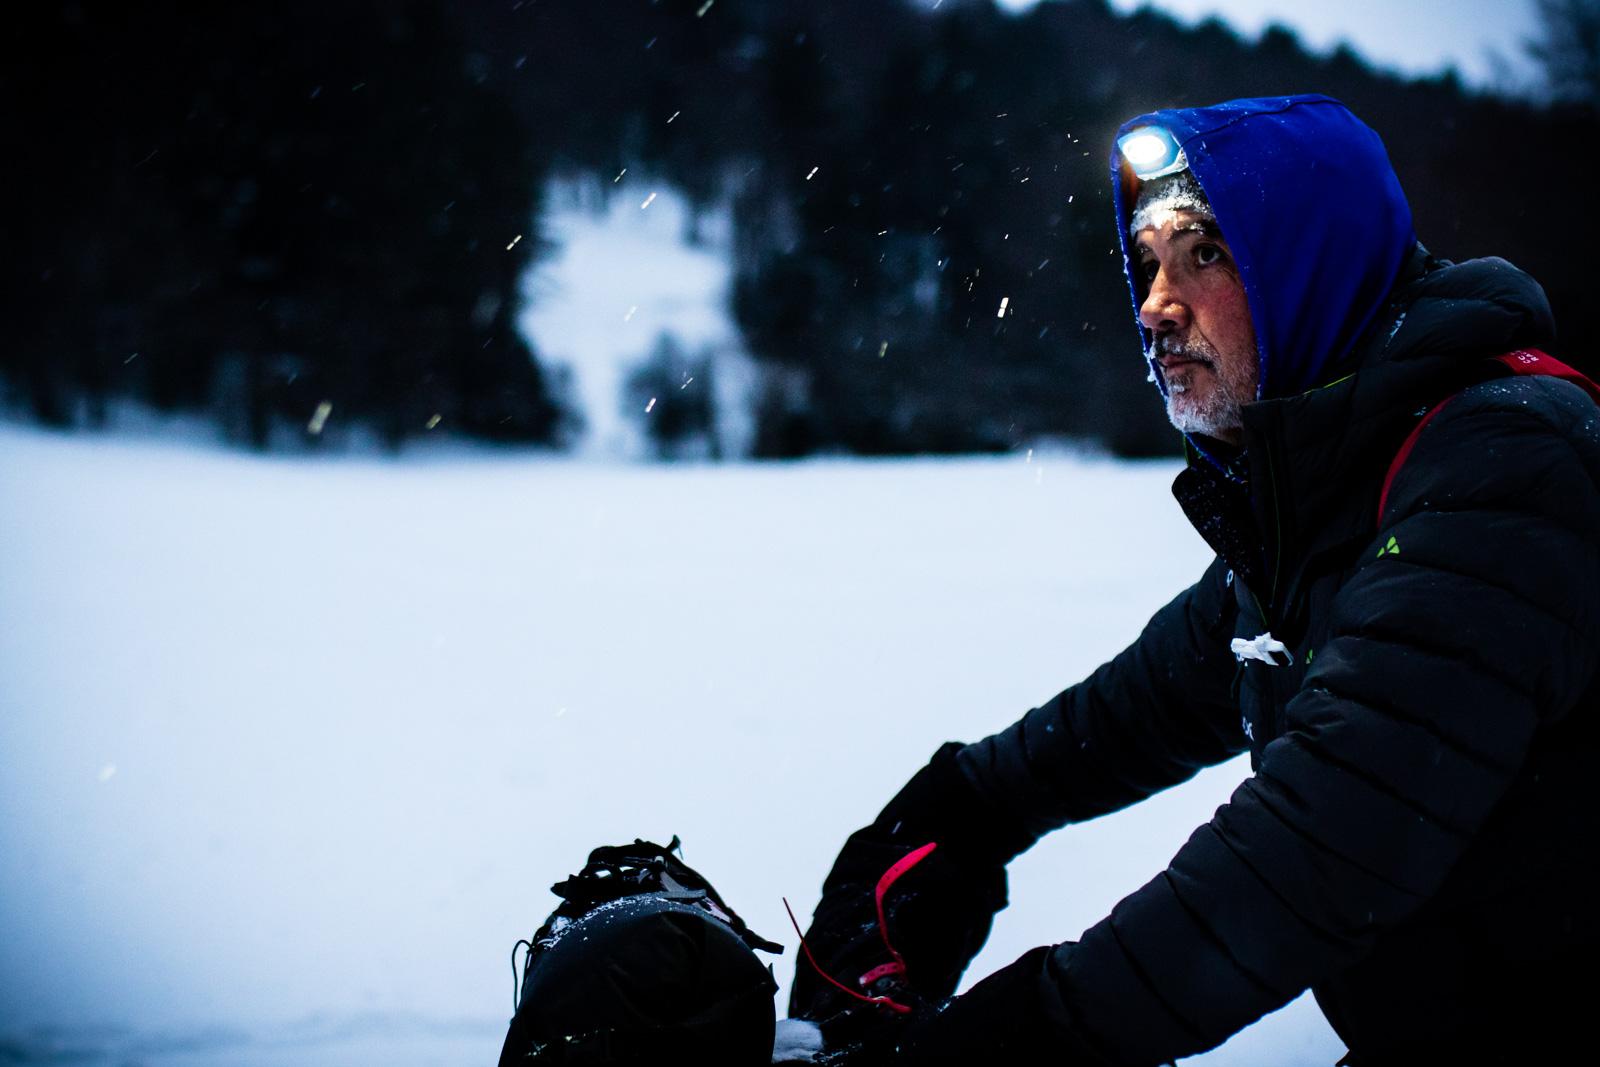 Juan Carlos Nájera rodando por las nevadas pistas.